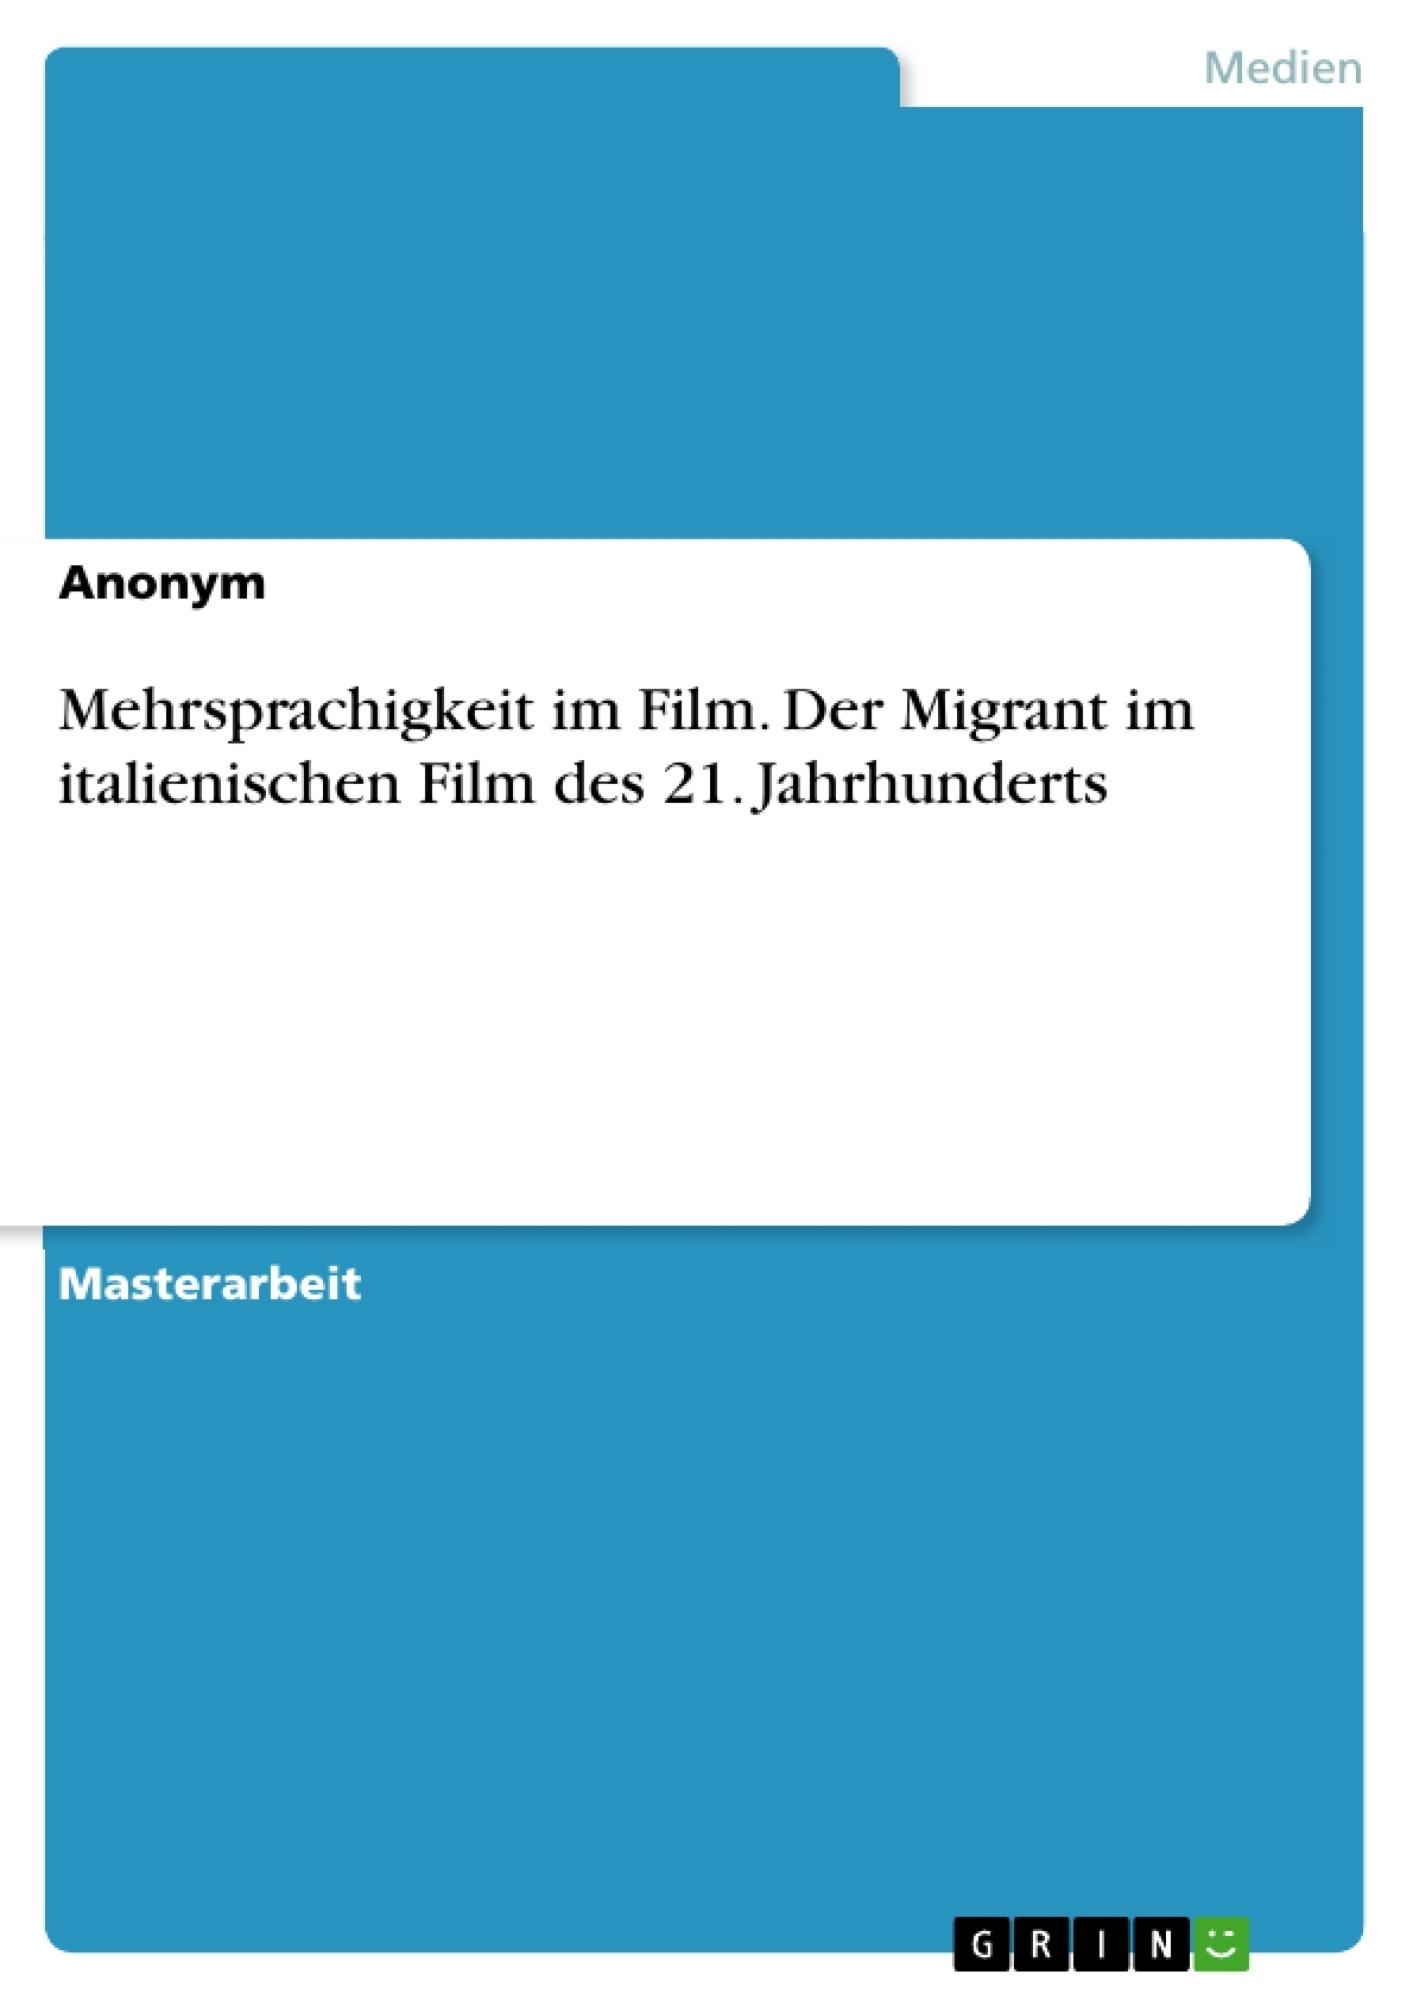 Titel: Mehrsprachigkeit im Film. Der Migrant im italienischen Film des 21. Jahrhunderts